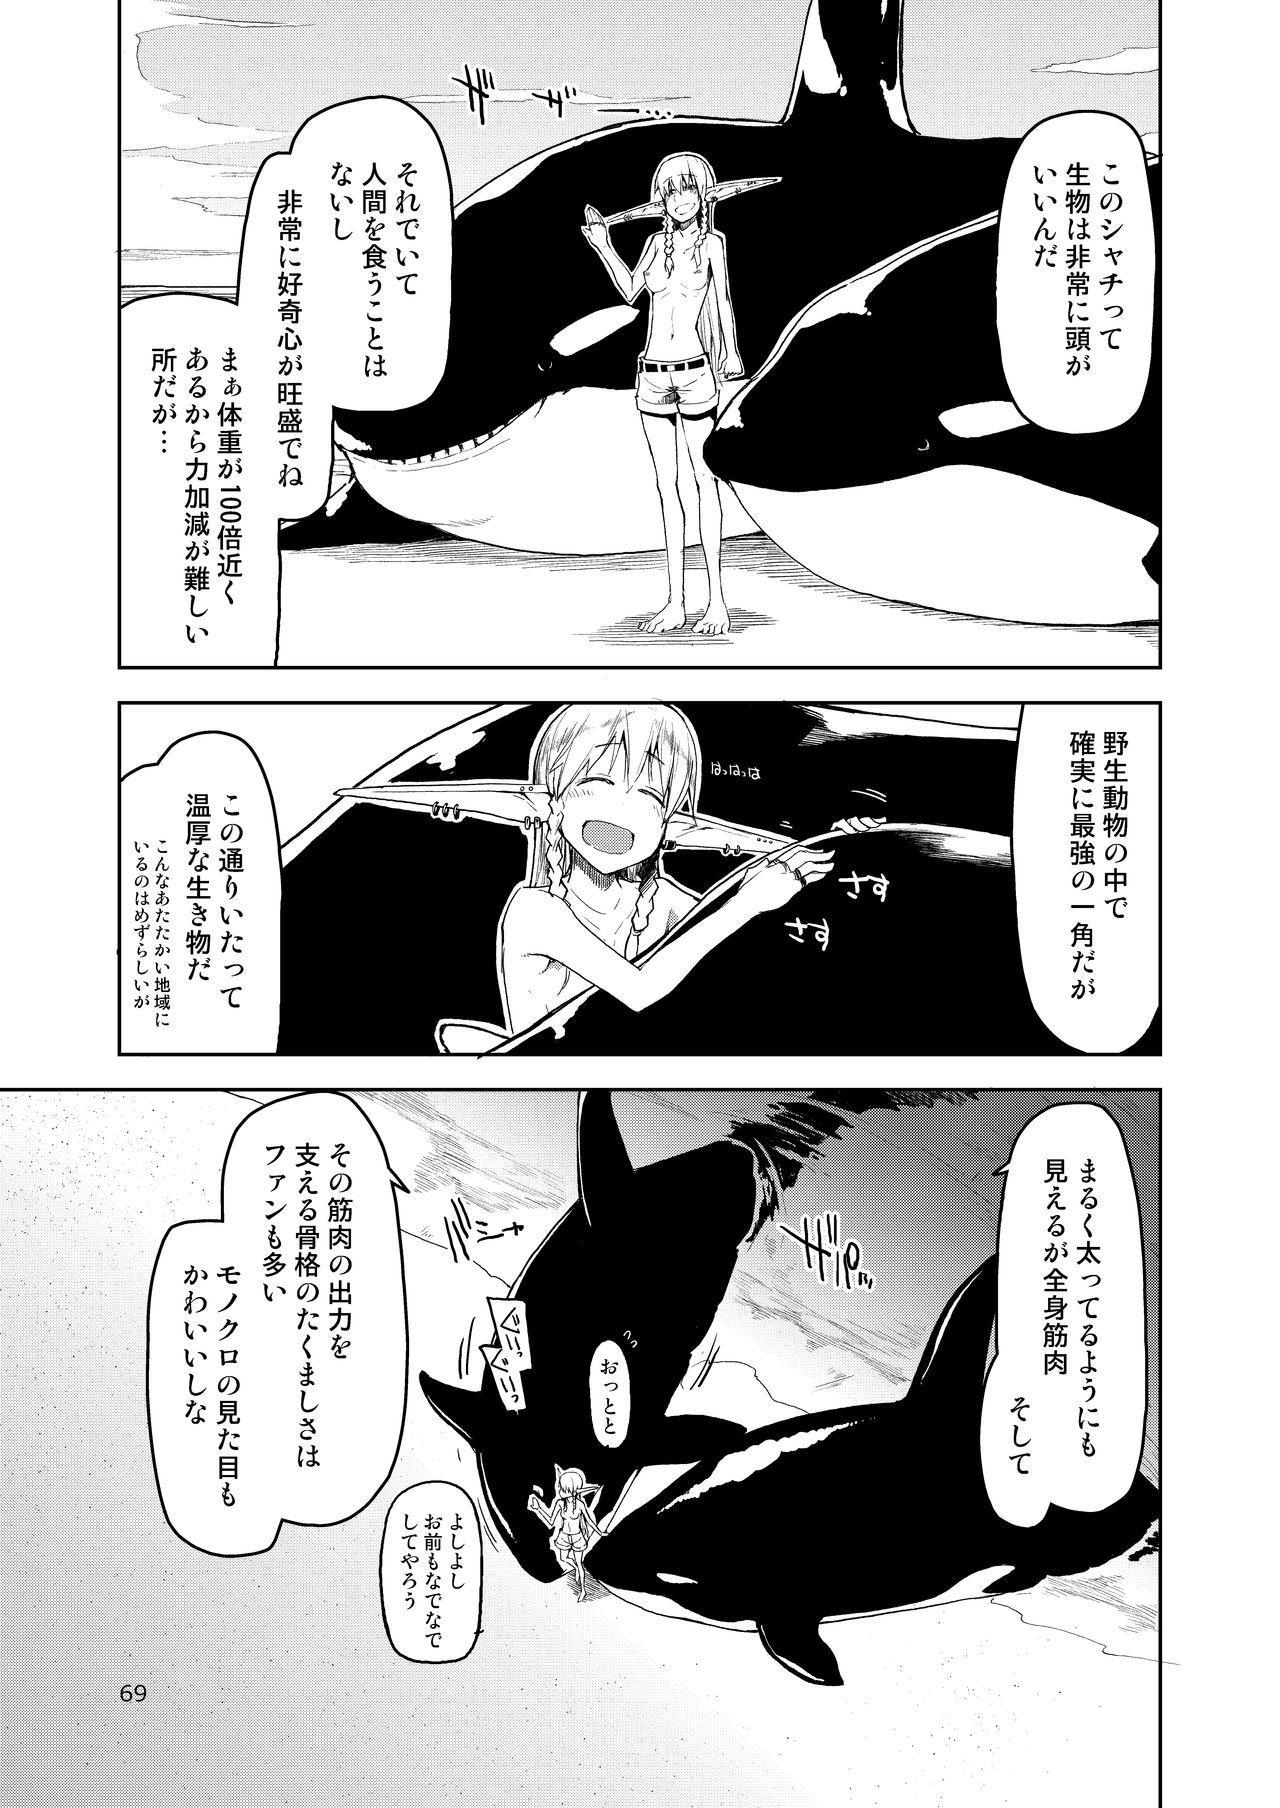 Dosukebe Elf no Ishukan Nikki Matome 2 69